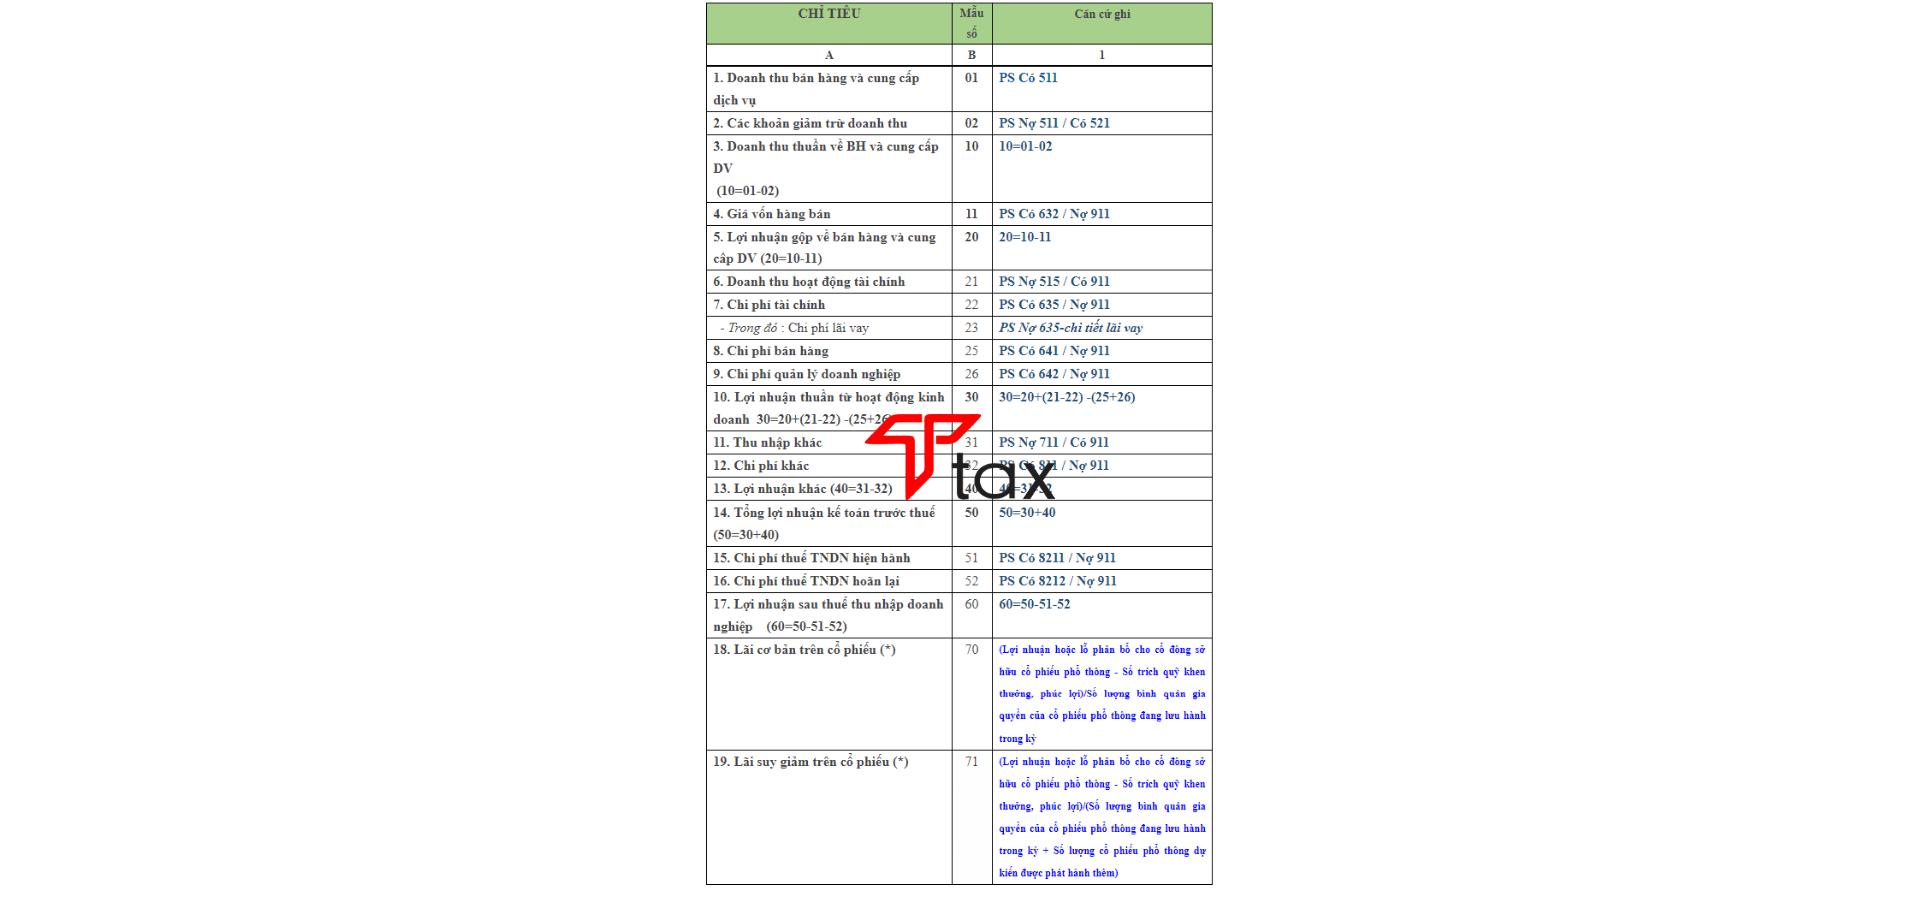 Ghi các chỉ tiêu trên bảng kết quả hoạt động kinh doanh